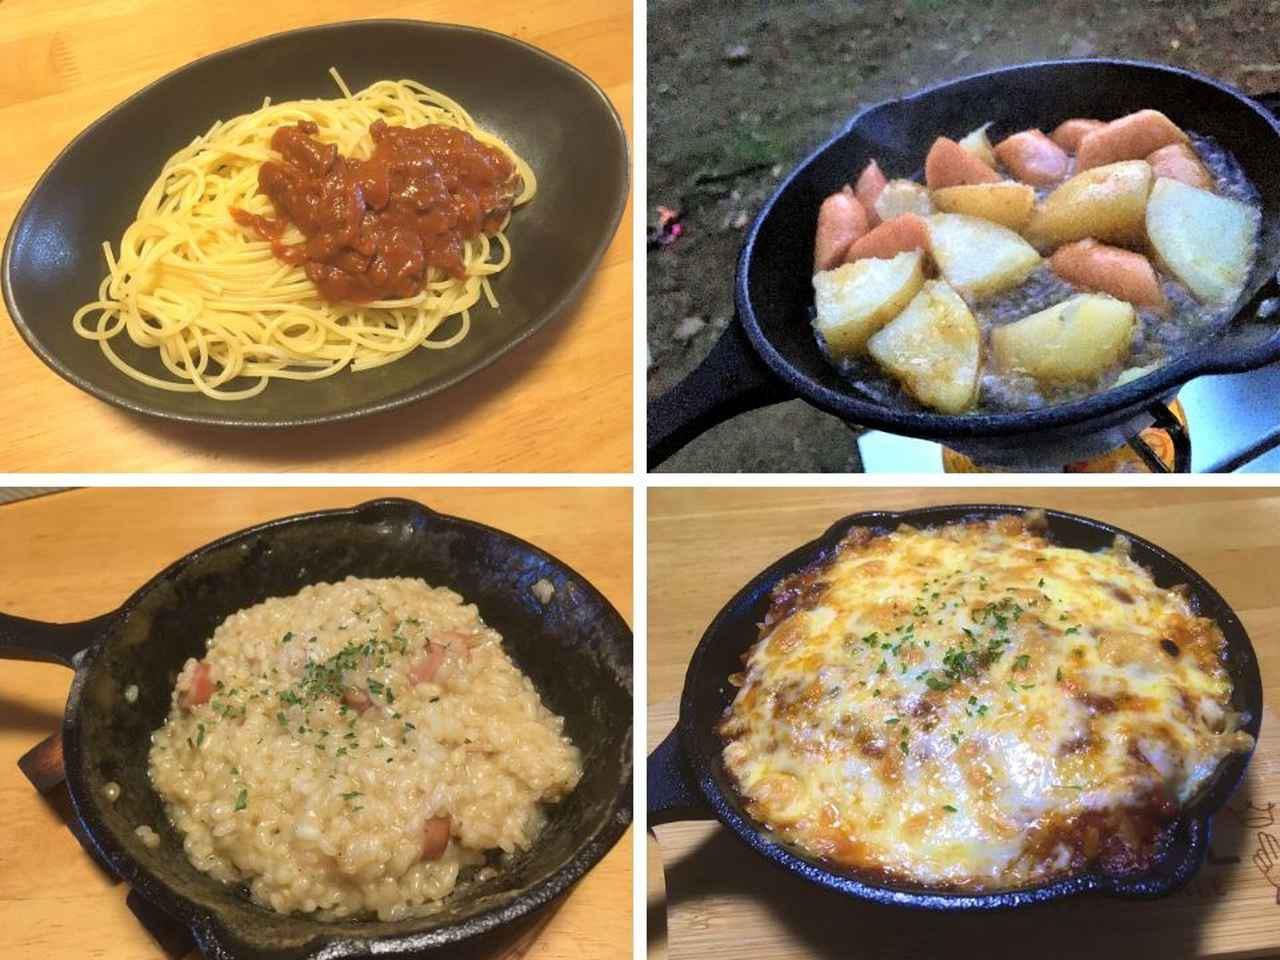 画像: ソロキャンプ飯にはパスタソースを活用せよ! おすすめ簡単アレンジレシピもご紹介 - ハピキャン(HAPPY CAMPER)